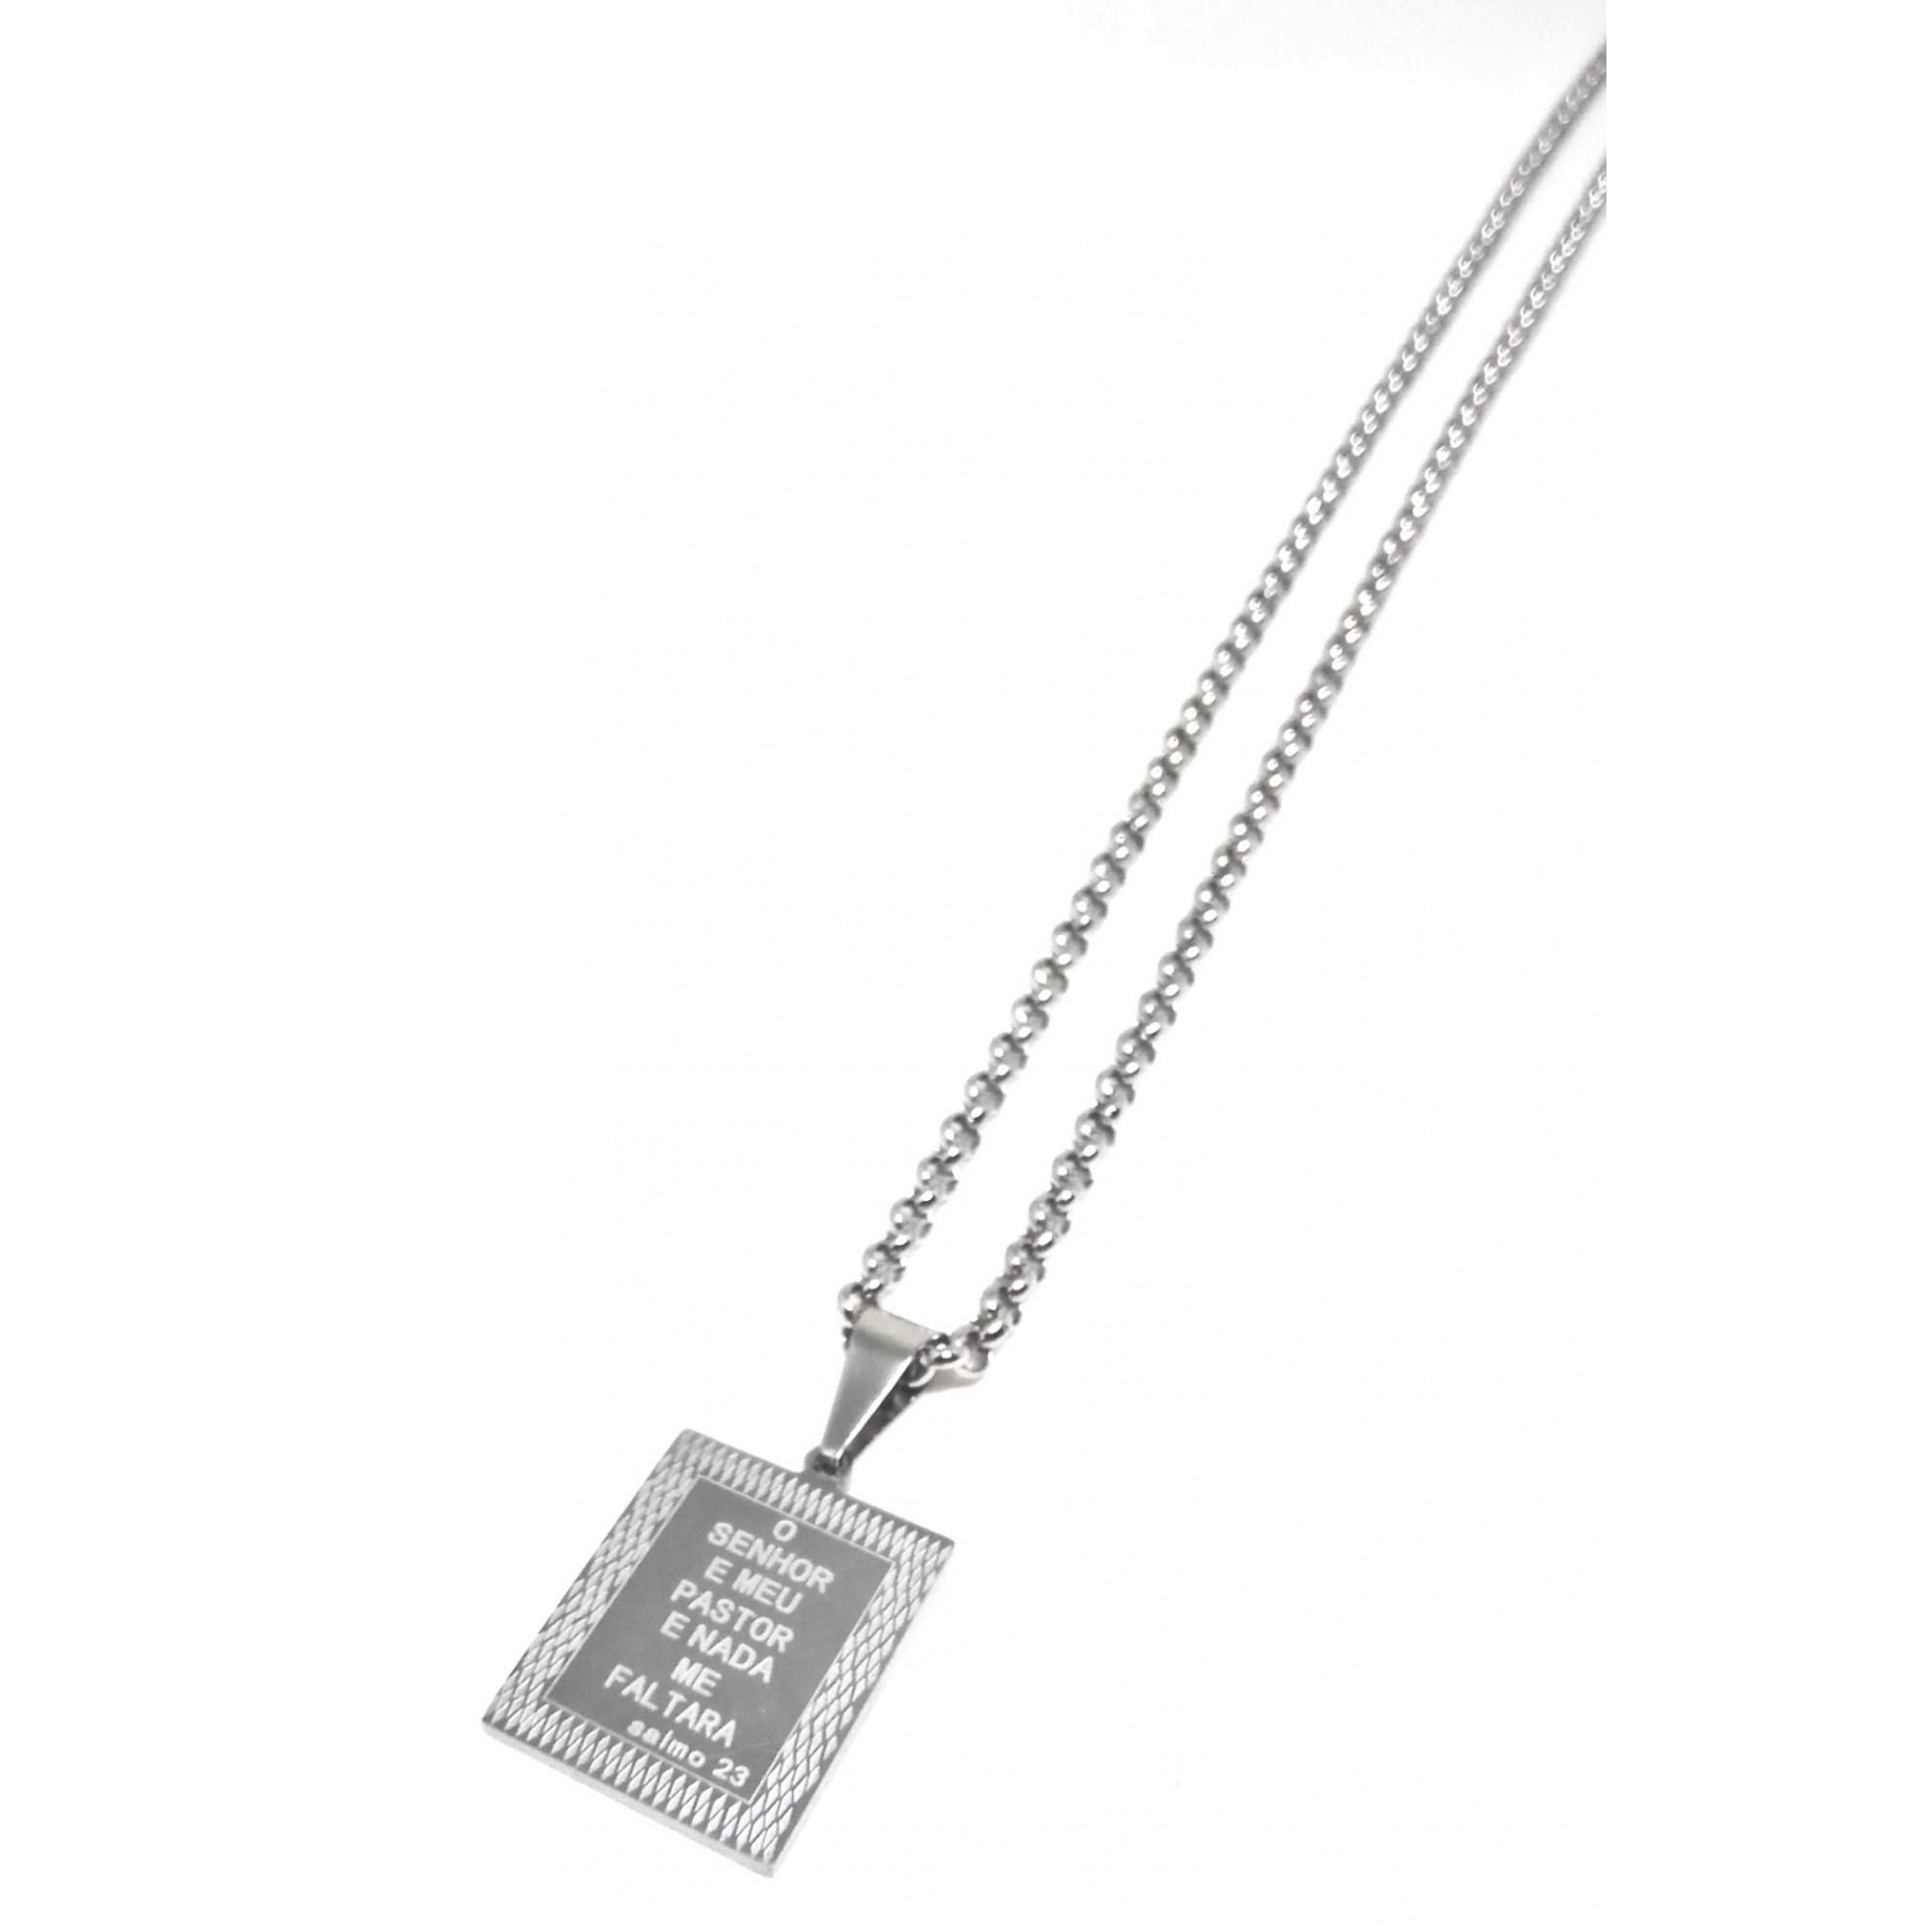 Cordão Corrente Aço Cirúrgico 316L 4mm Elo Português Placa